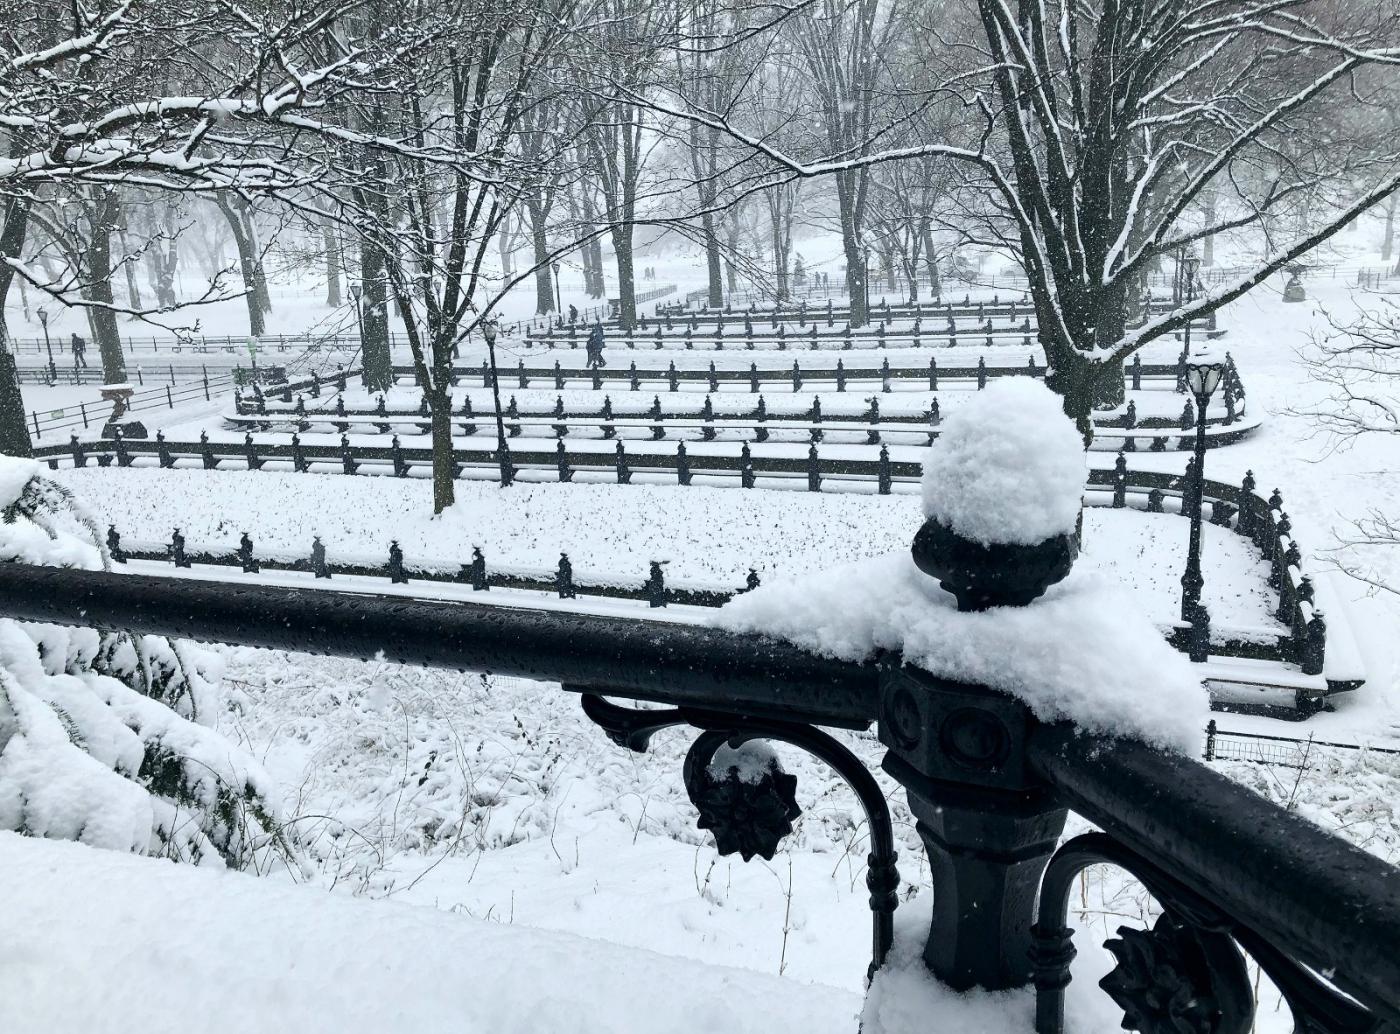 【田螺手机摄影】在纽约市拍雪景、还是中央公园最漂亮_图1-21